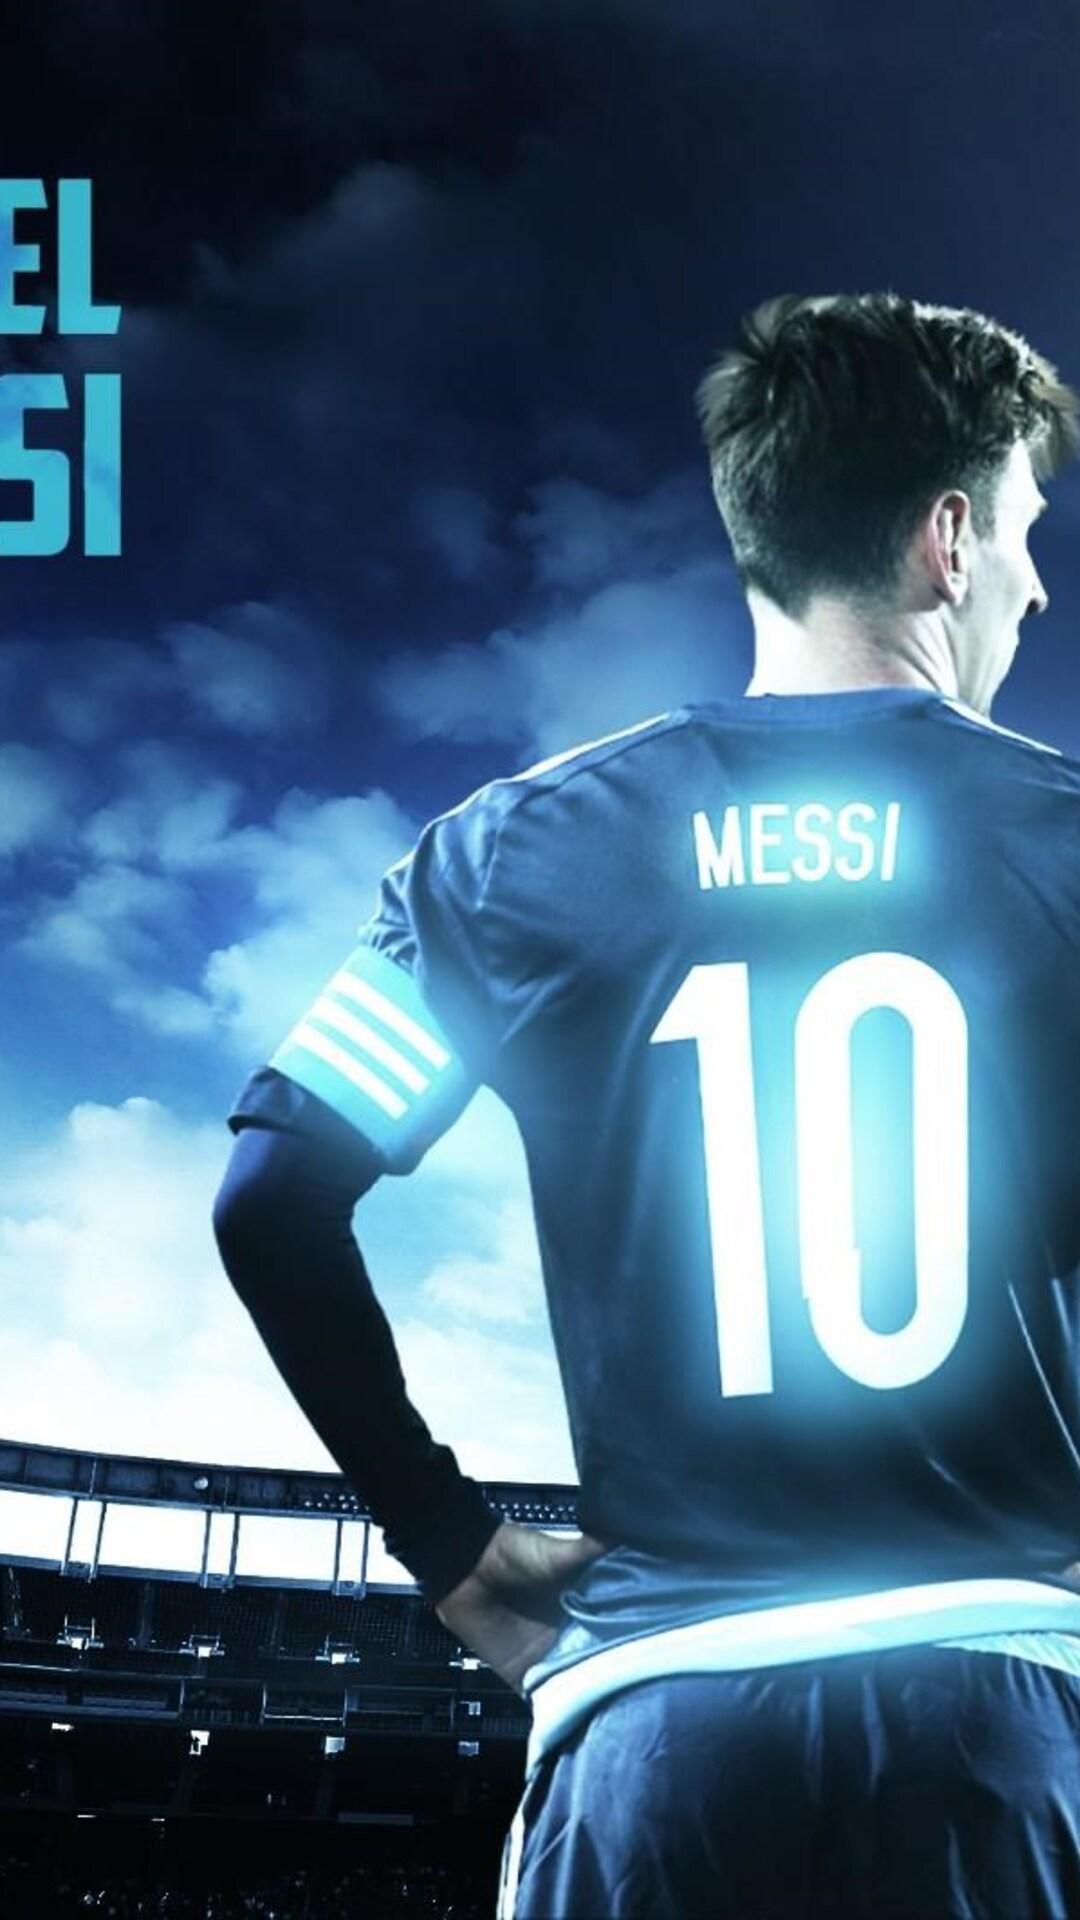 1080x1920 Leo Messi Iphone 7 6s 6 Plus Pixel Xl One Plus 3 3t 5 Hd